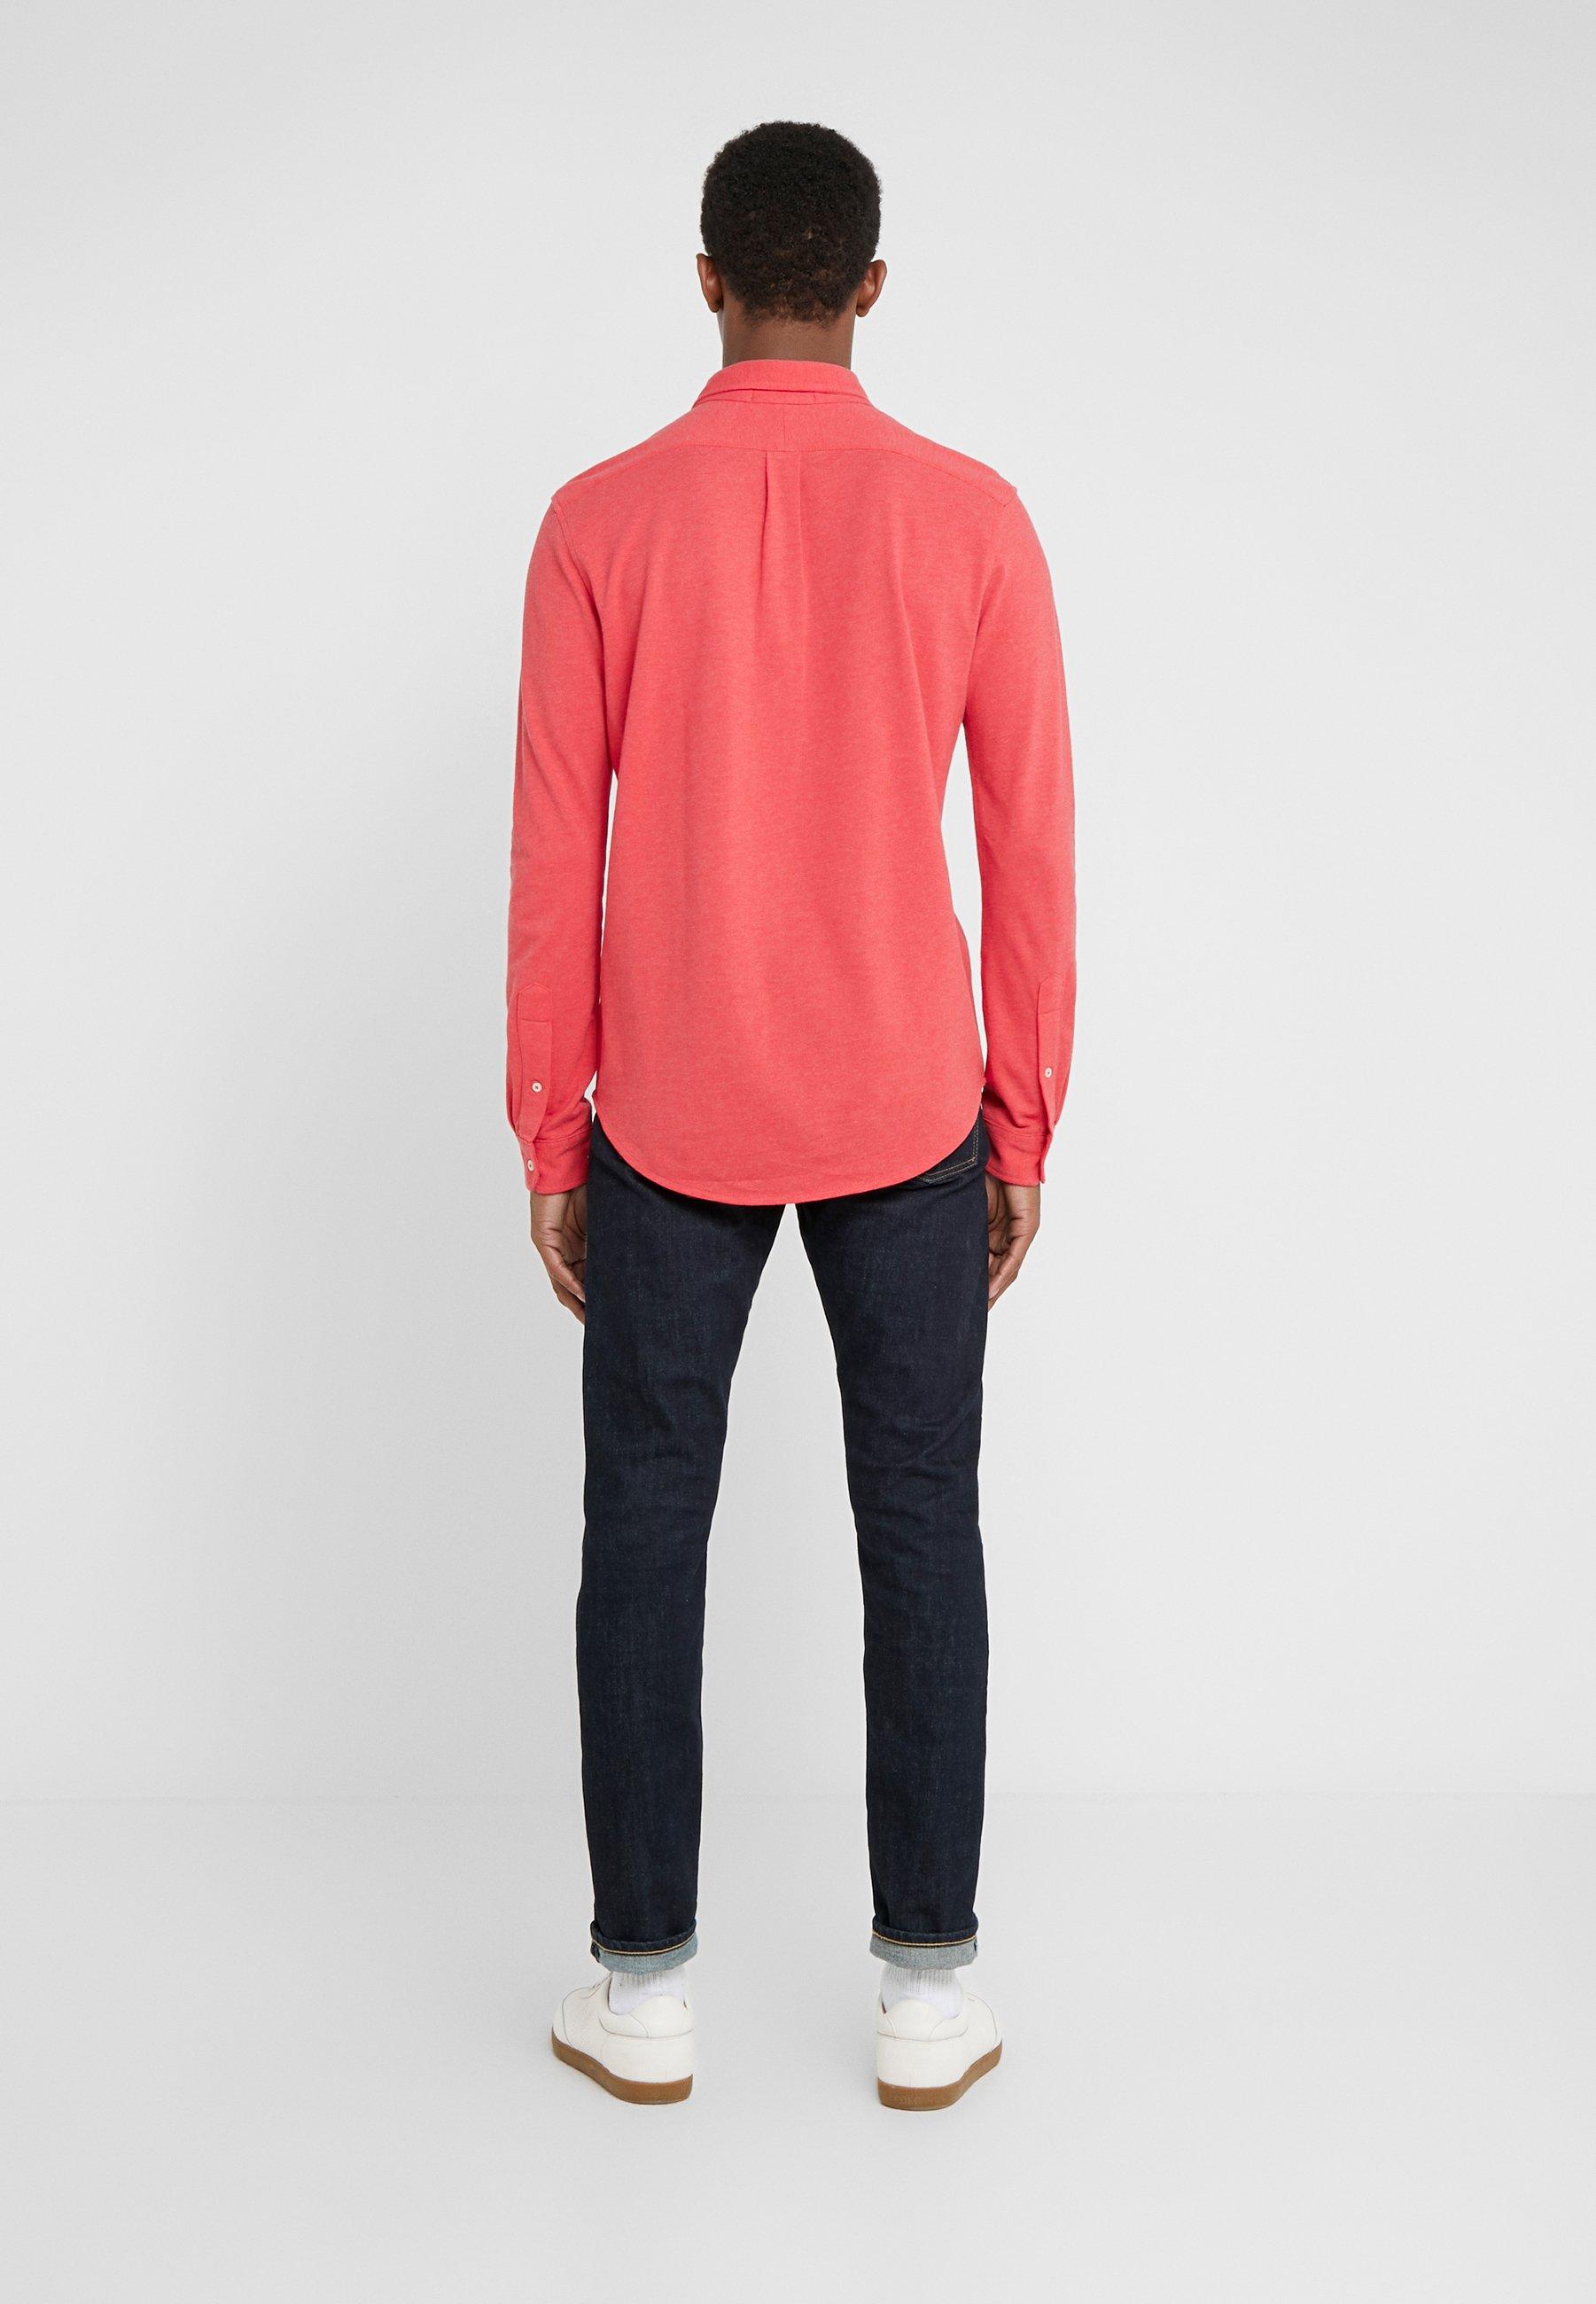 100% authentique Meilleurs prix Polo Ralph Lauren Chemise - rosette heather - ZALANDO.FR 4NgQC